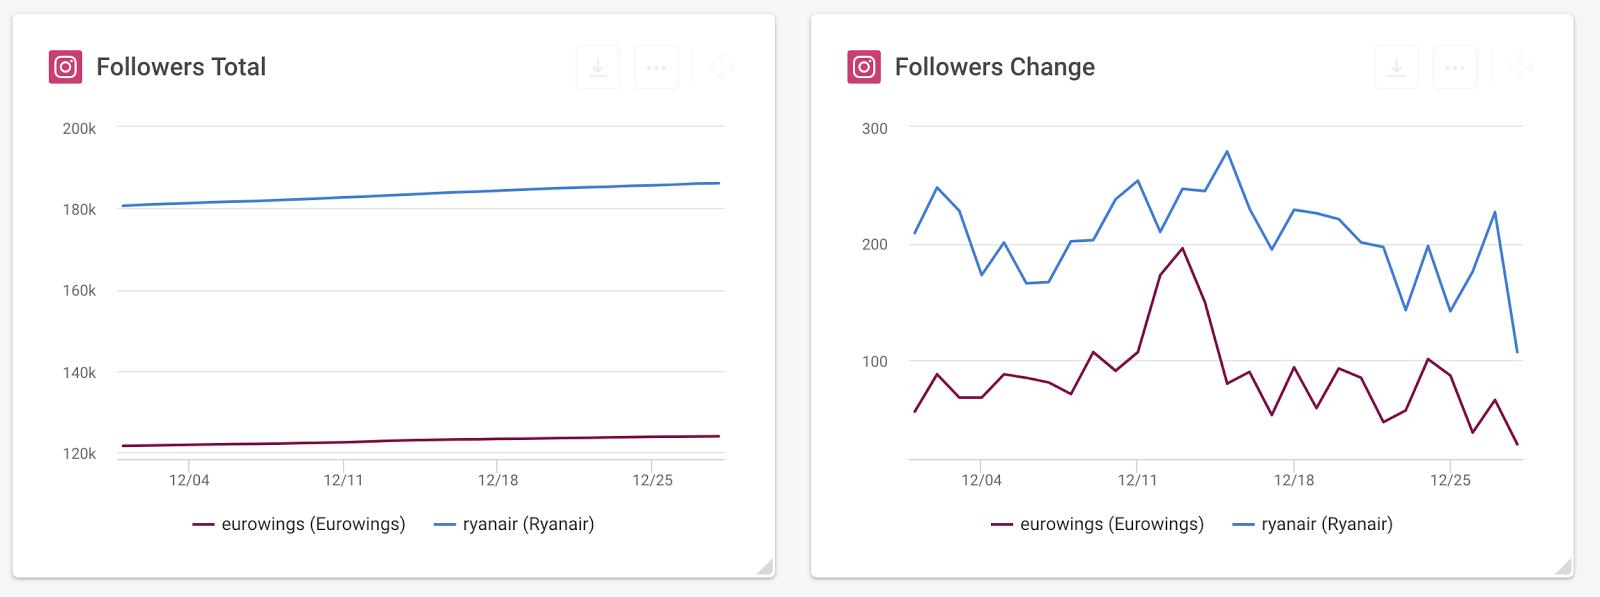 Followers Change Instagram